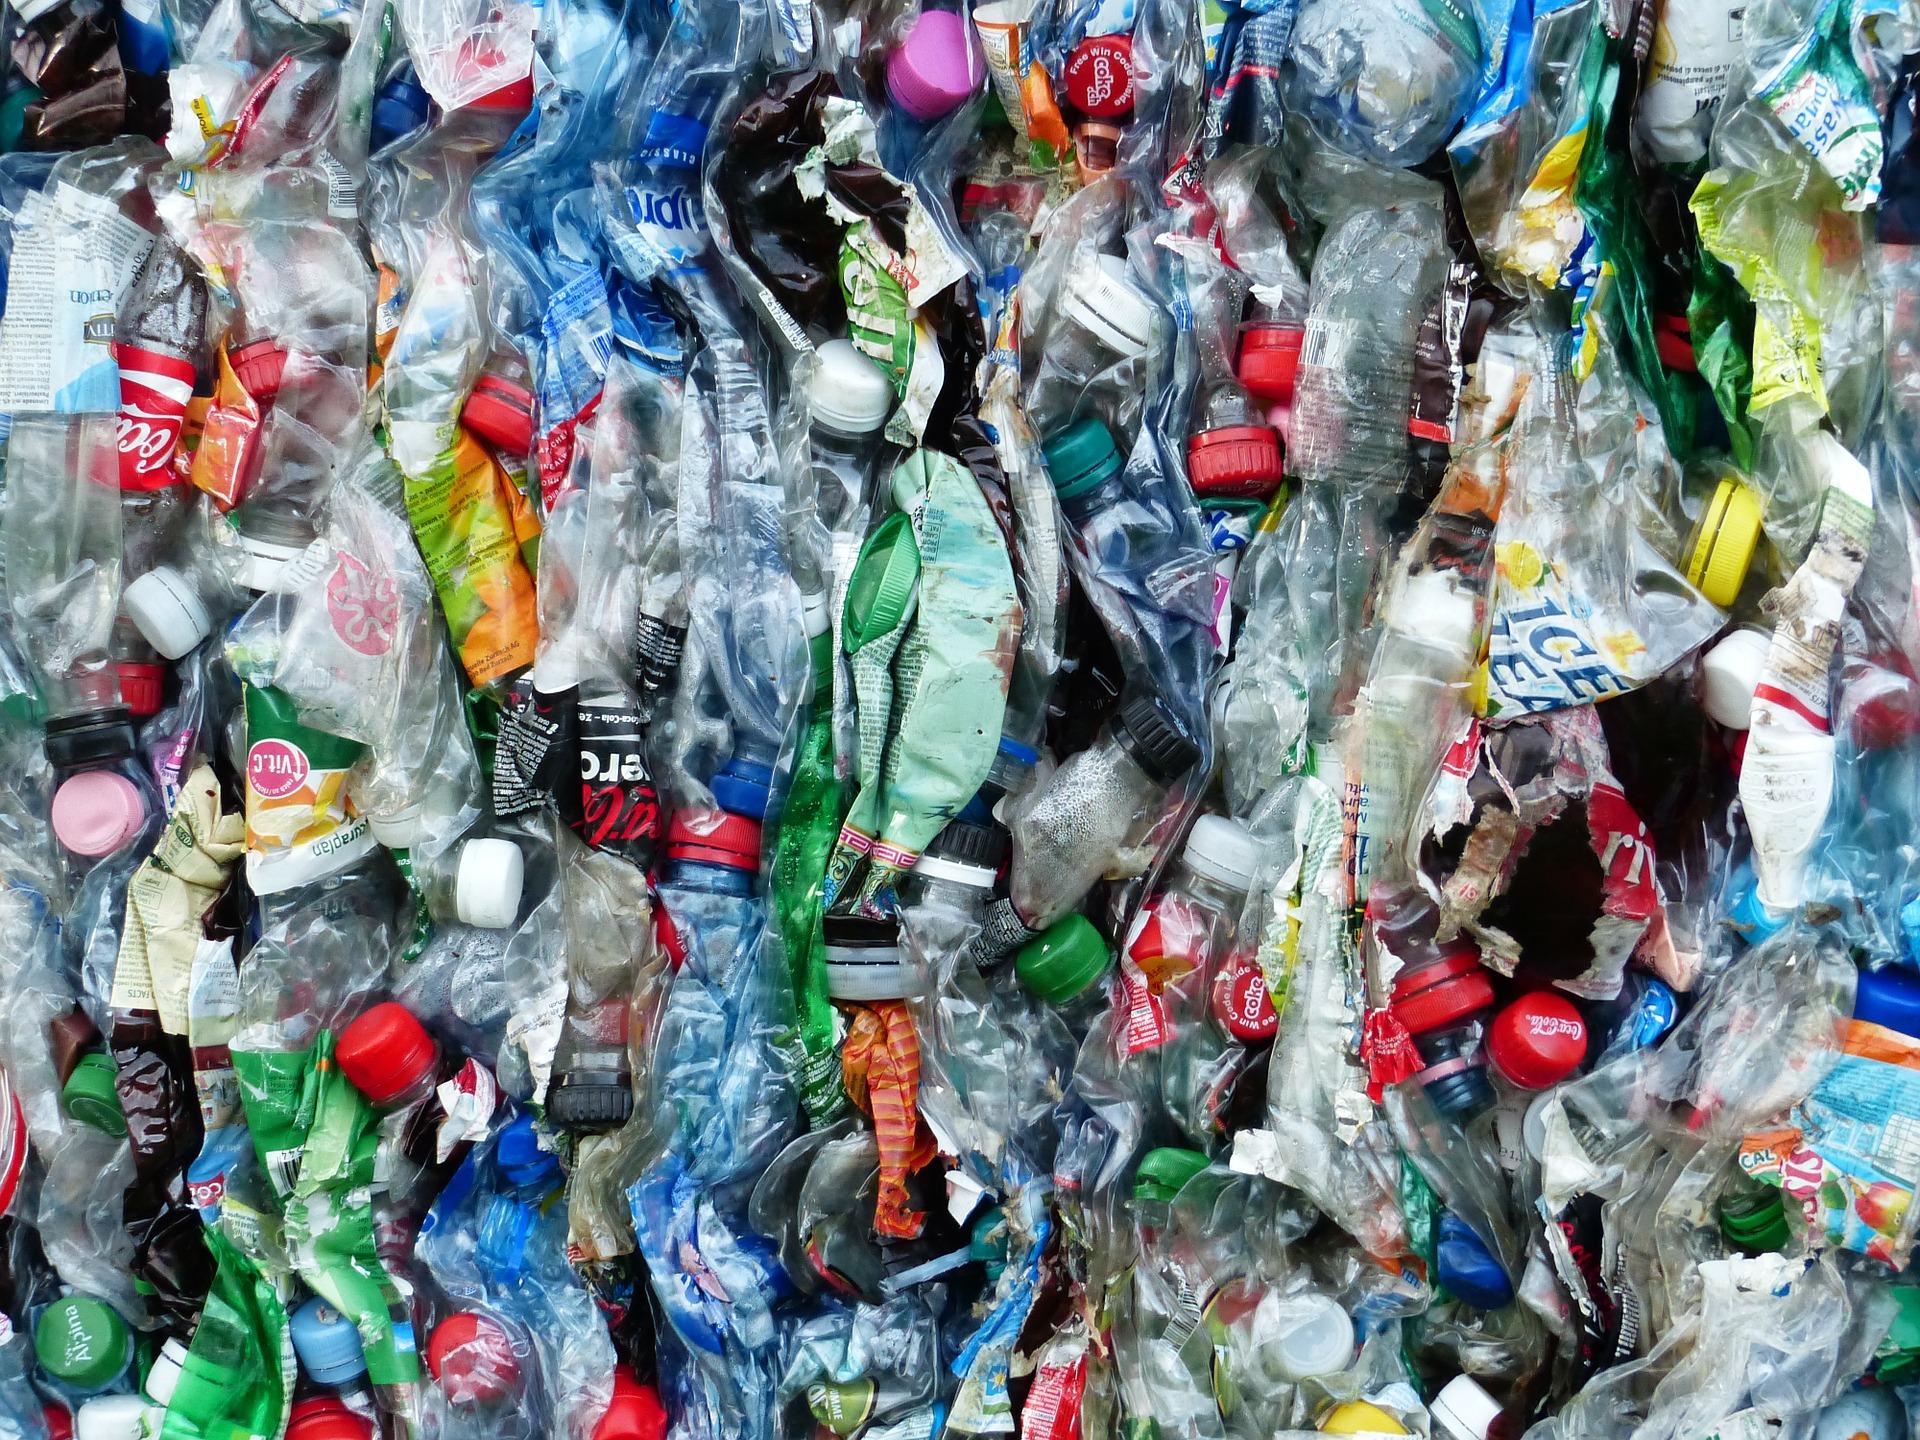 Menos lixo: 19 dicas para reduzir o desperdício no dia a dia